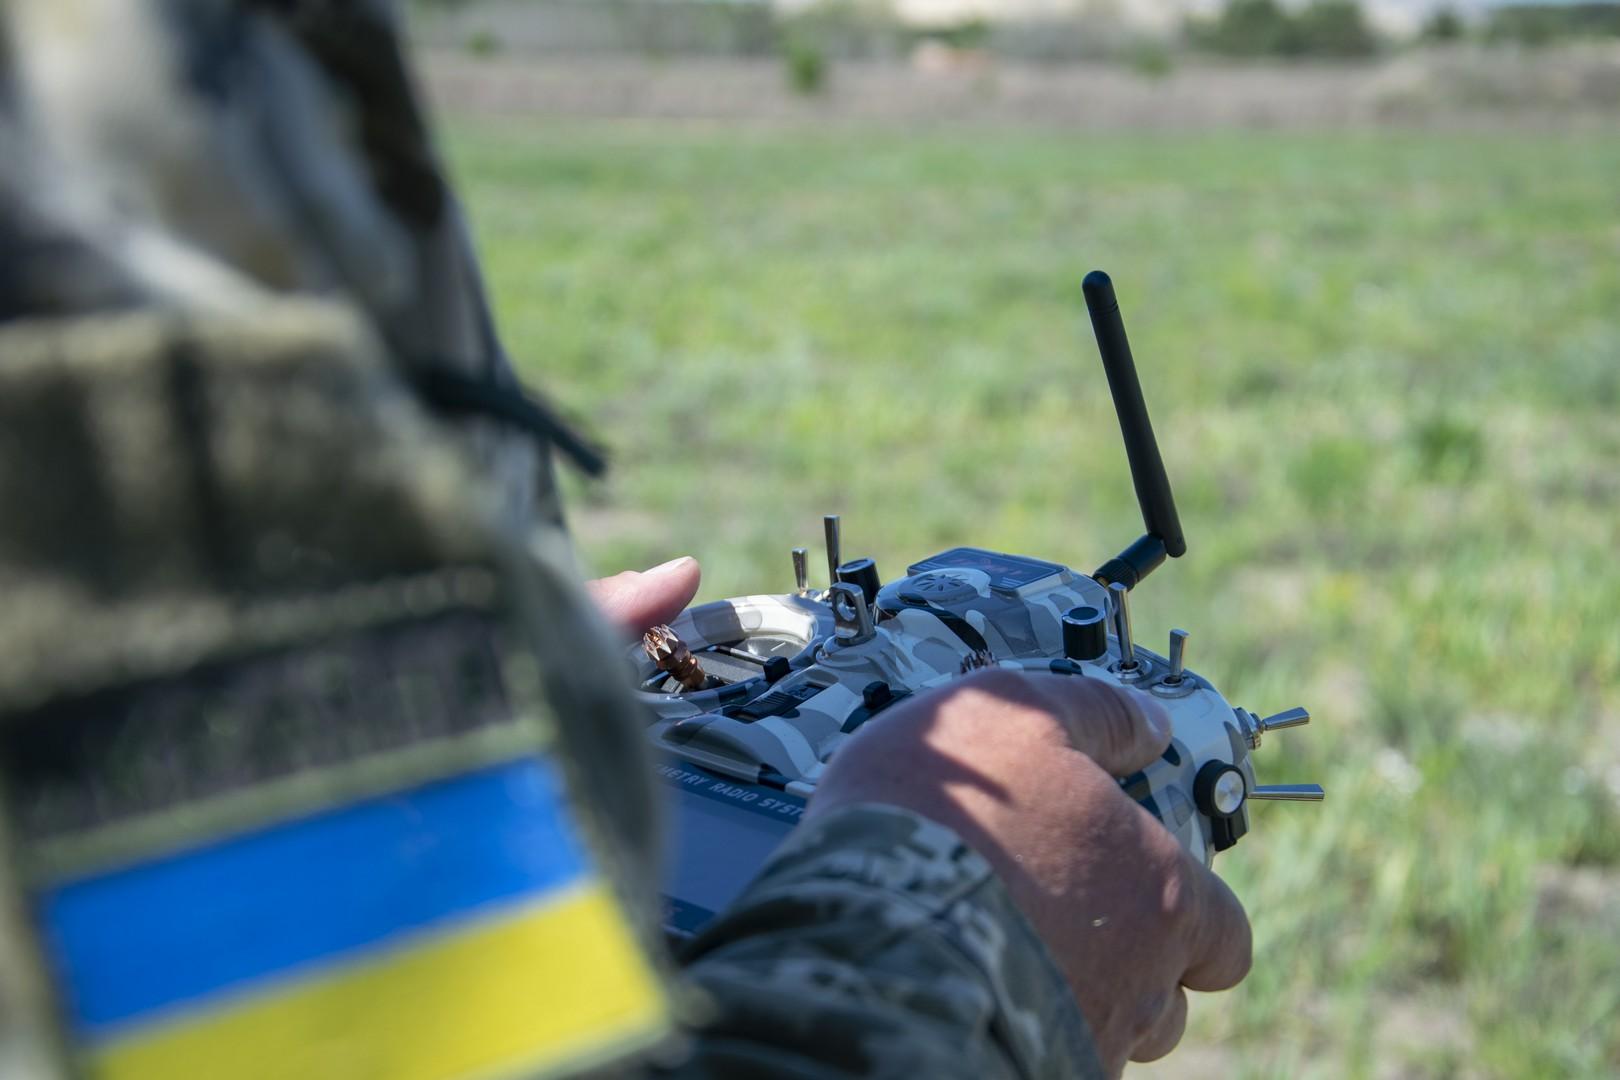 Навчання з БпАК «ЛЕЛЕКА-100». Фото: ДПСУ